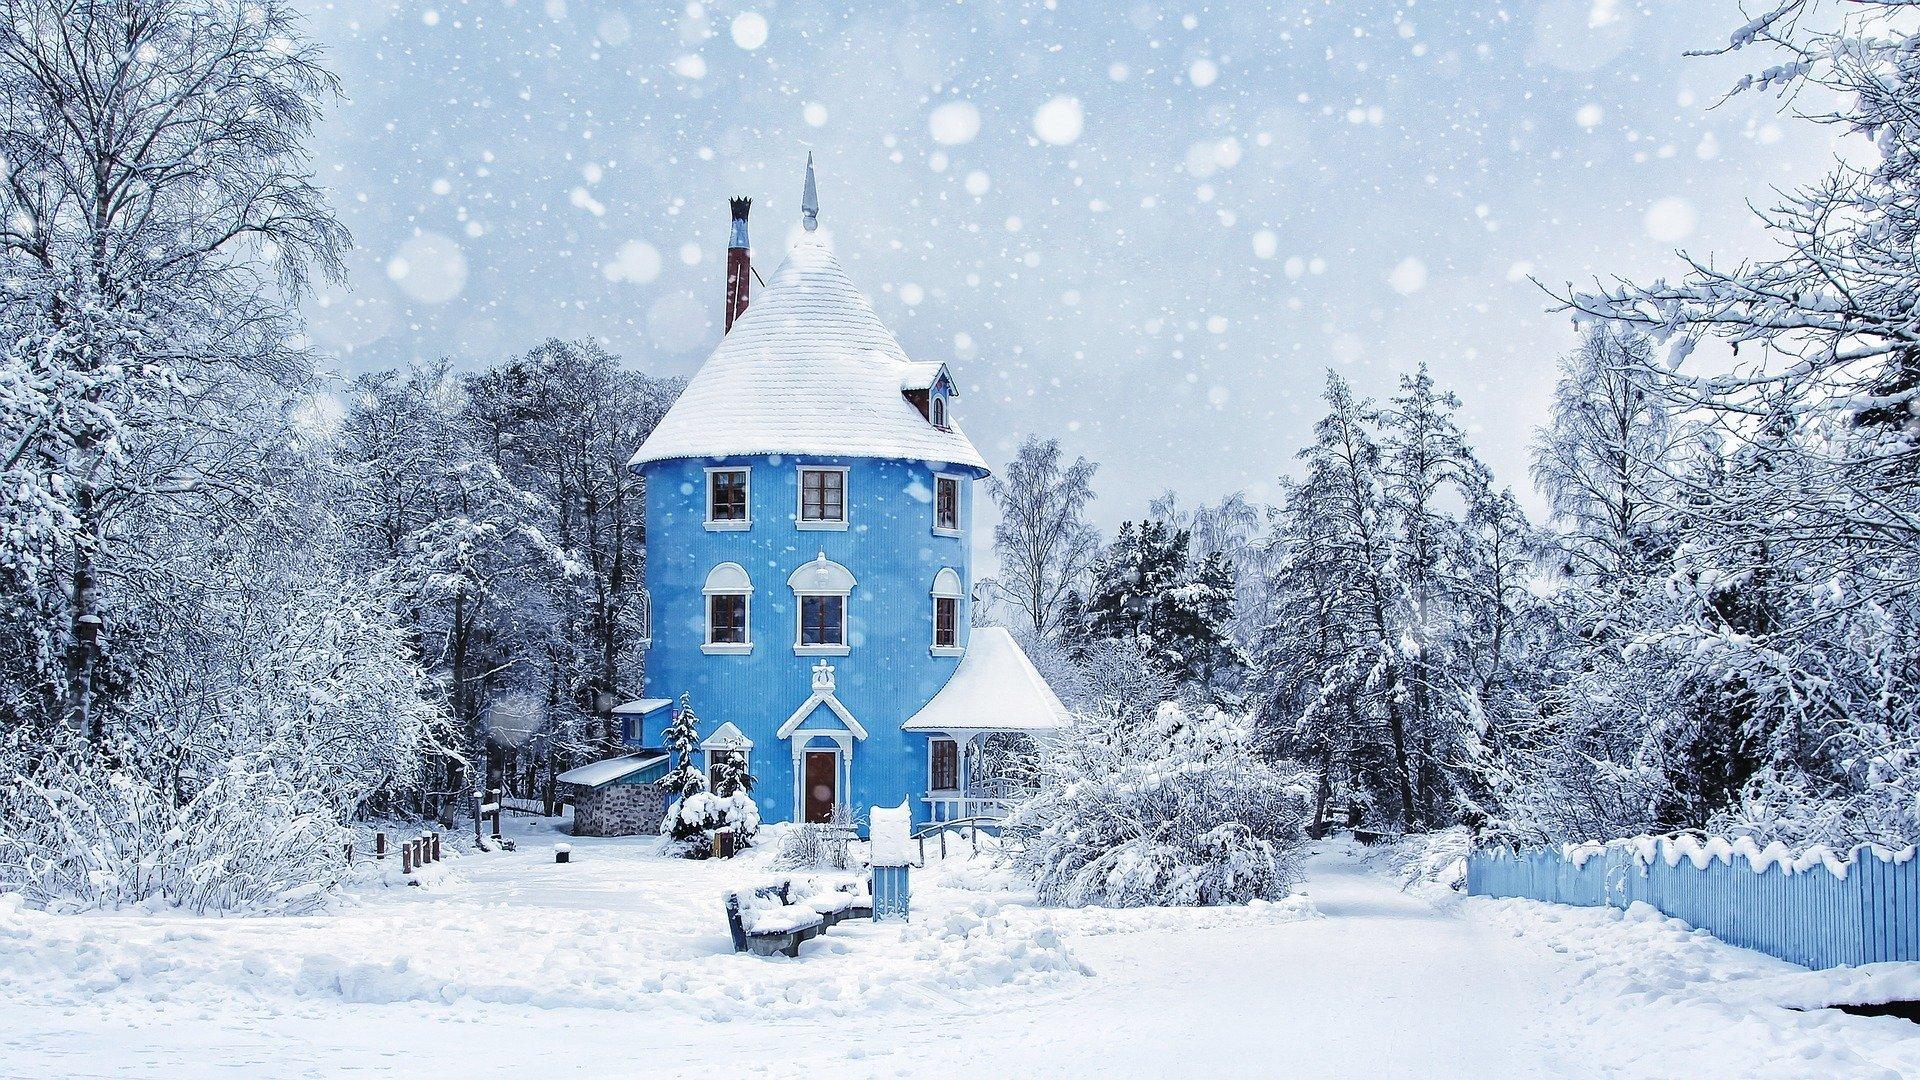 Zimowa piosenka dla dzieci po angielsku Winter Wonderland